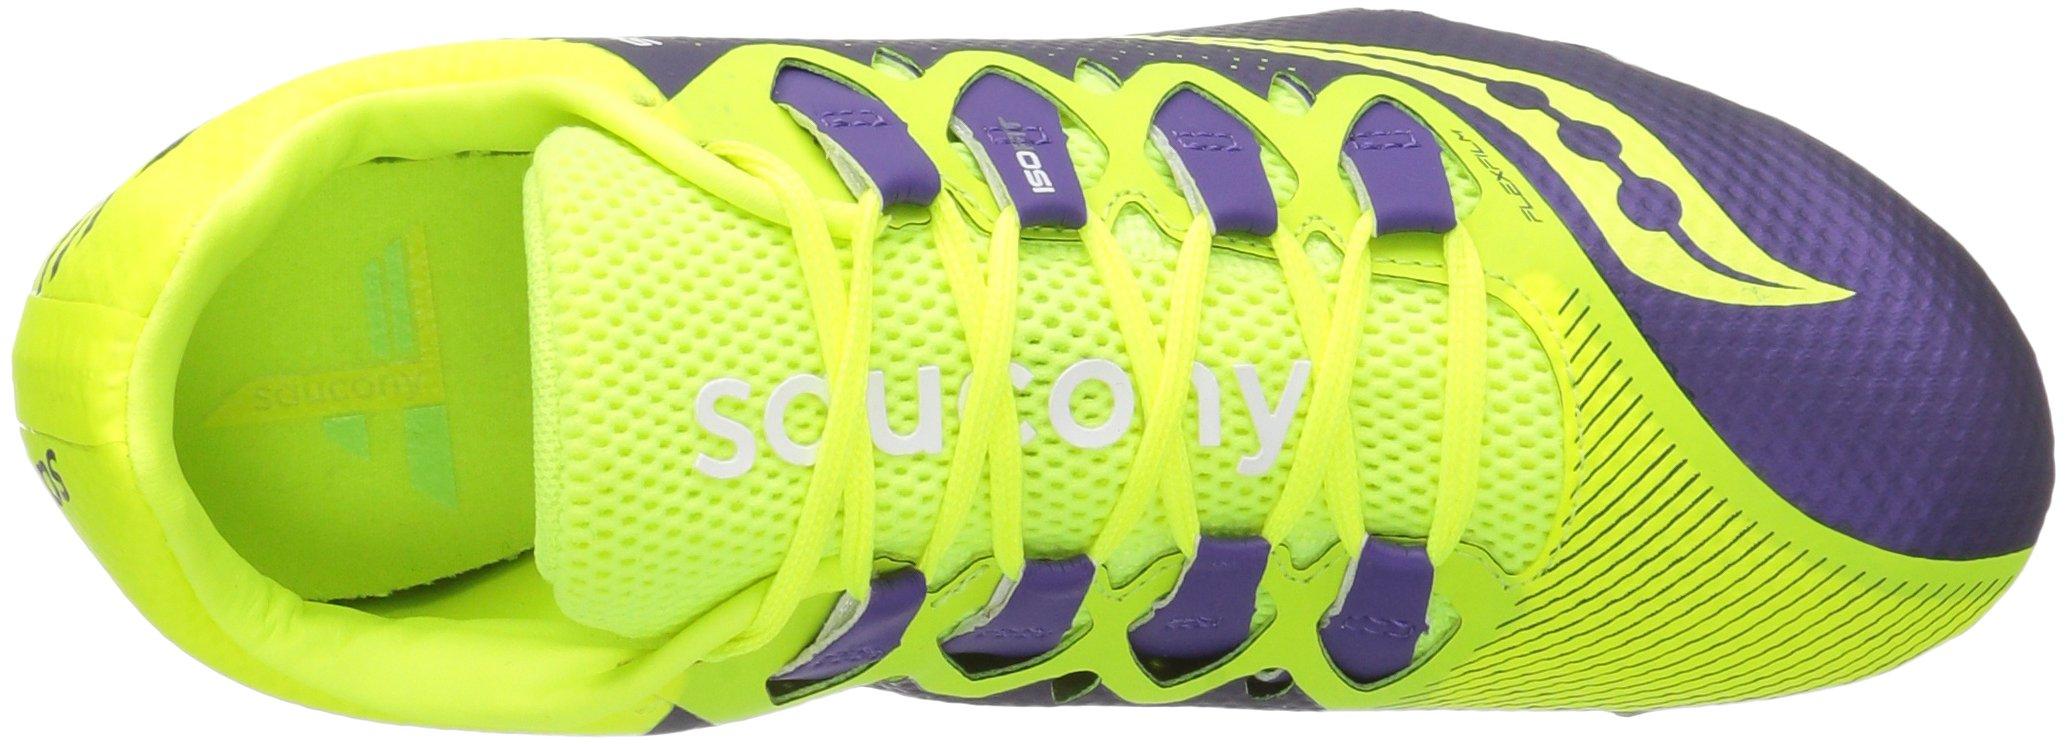 Saucony Women's Showdown 4 Track Shoe, Citron/Purple, 9.5 M US by Saucony (Image #8)